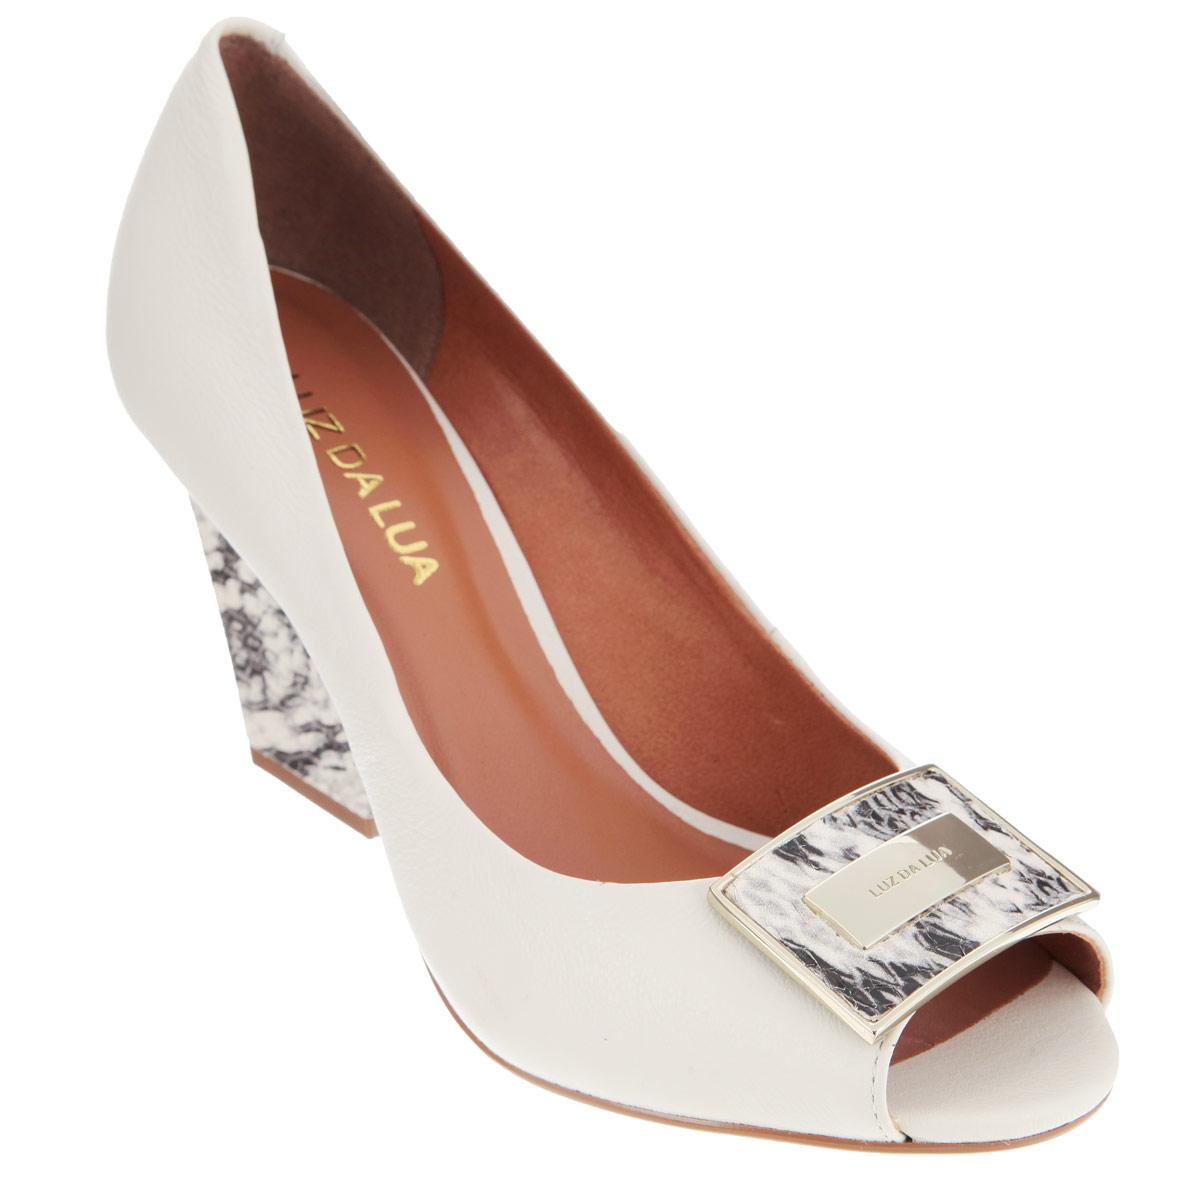 Туфли женские. S41624V15S41624V15Оригинальные туфли от Luz Da Lua внесут изюминку в ваш модный образ! Модель выполнена из натуральной кожи и оформлена фактурным тиснением. Мыс туфель декорирован прямоугольной металлической пластиной с гравировкой в виде названия бренда. Верх пластины и каблук украшены анималистическим принтом. Открытый носок смотрится невероятно женственно. Стелька из натуральной кожи гарантирует комфорт и удобство при ходьбе. Рифление на каблуке и подошве защищает изделие от скольжения. Эффектные туфли не оставят вас незамеченной среди окружающих!